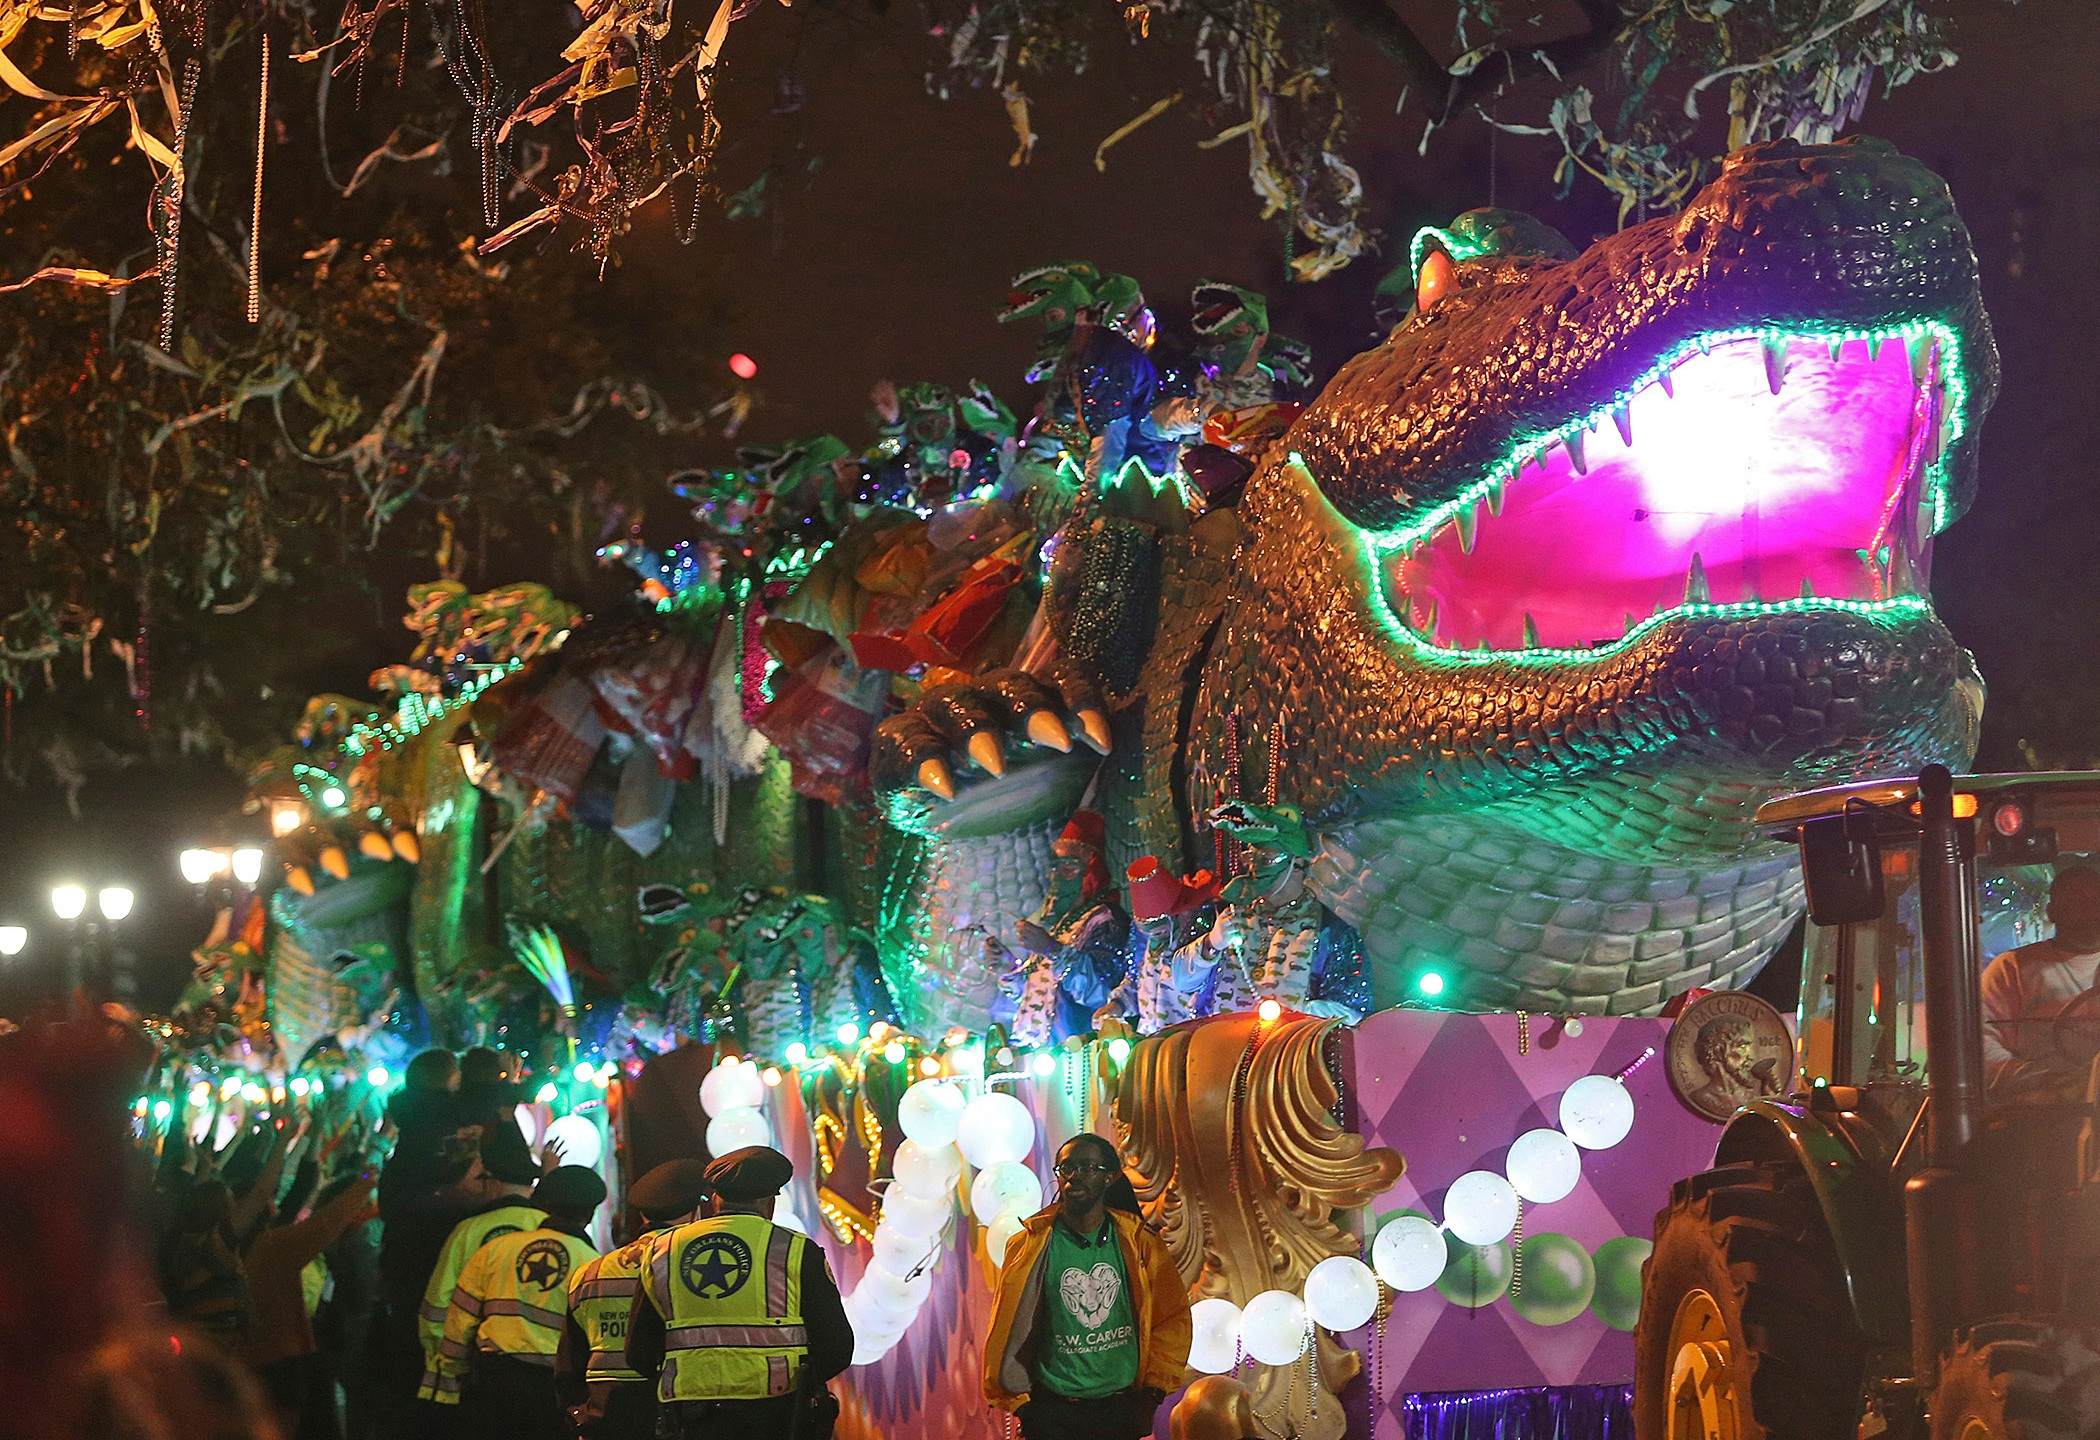 Mardi_Gras_Parade_32667-159532.jpg03329033